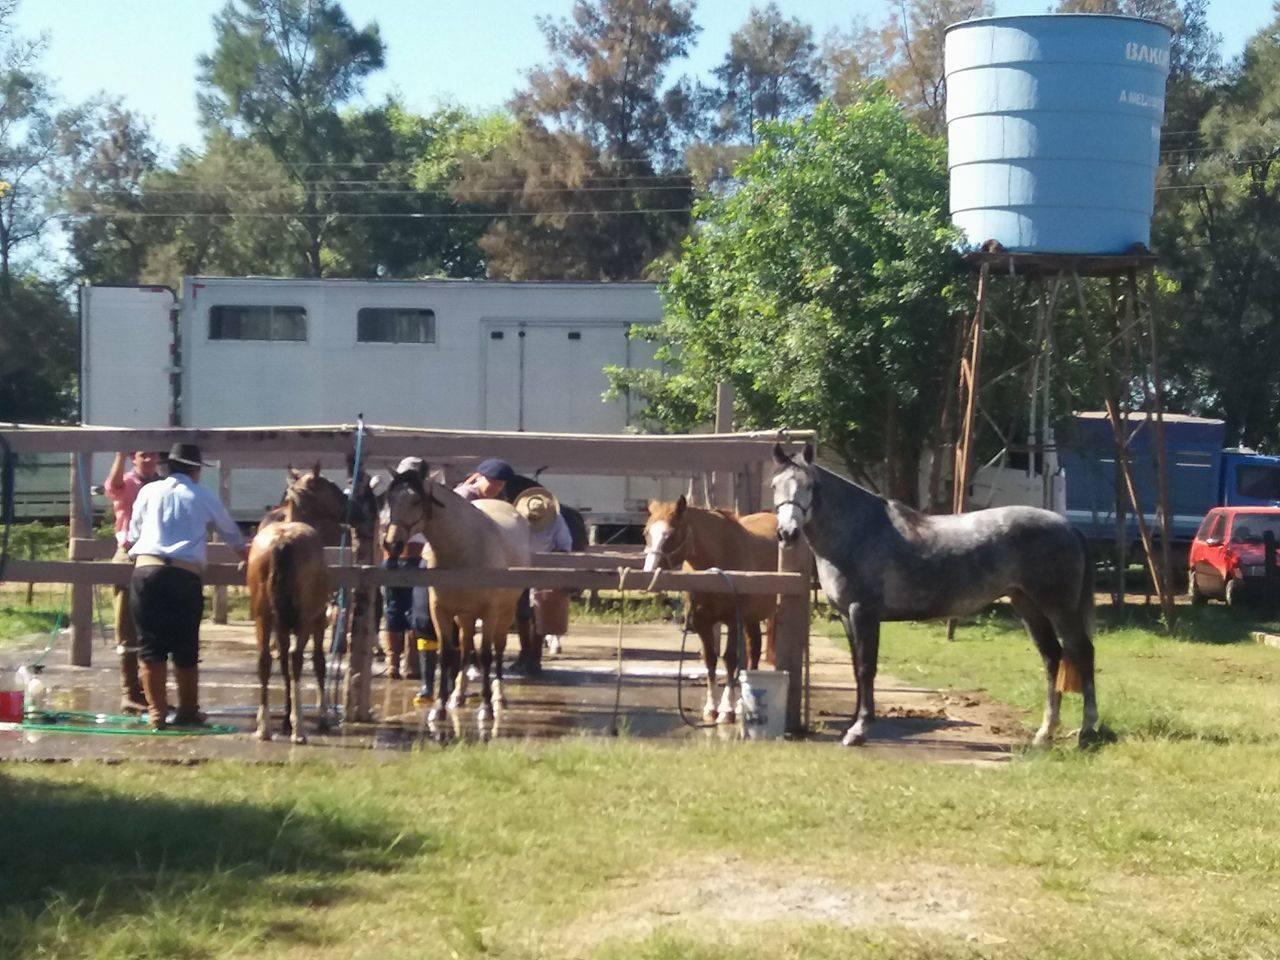 Animais recebem o último banho antes do remate. Apesar do frio, dia está ensolarado em Uruguaiana